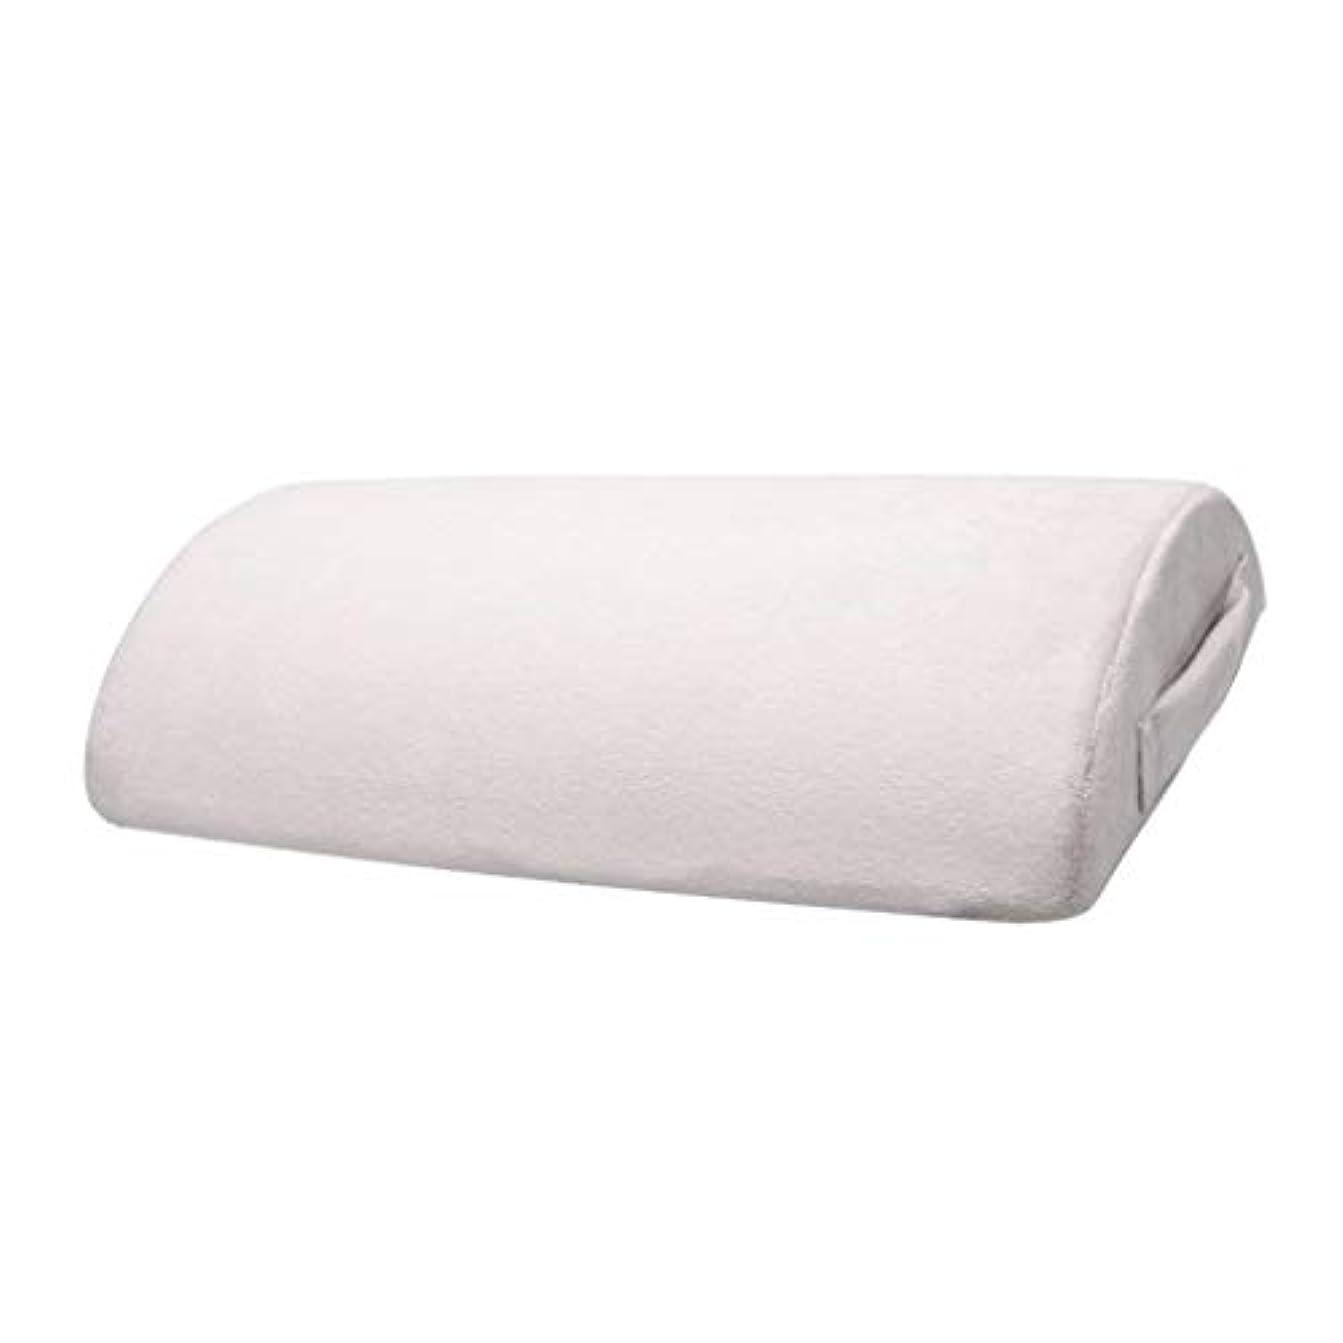 リル作りますオフェンス足枕 クッション フットレスト 足置き フットレストピロー ハーフシリンダー形 全2カラー - グレー